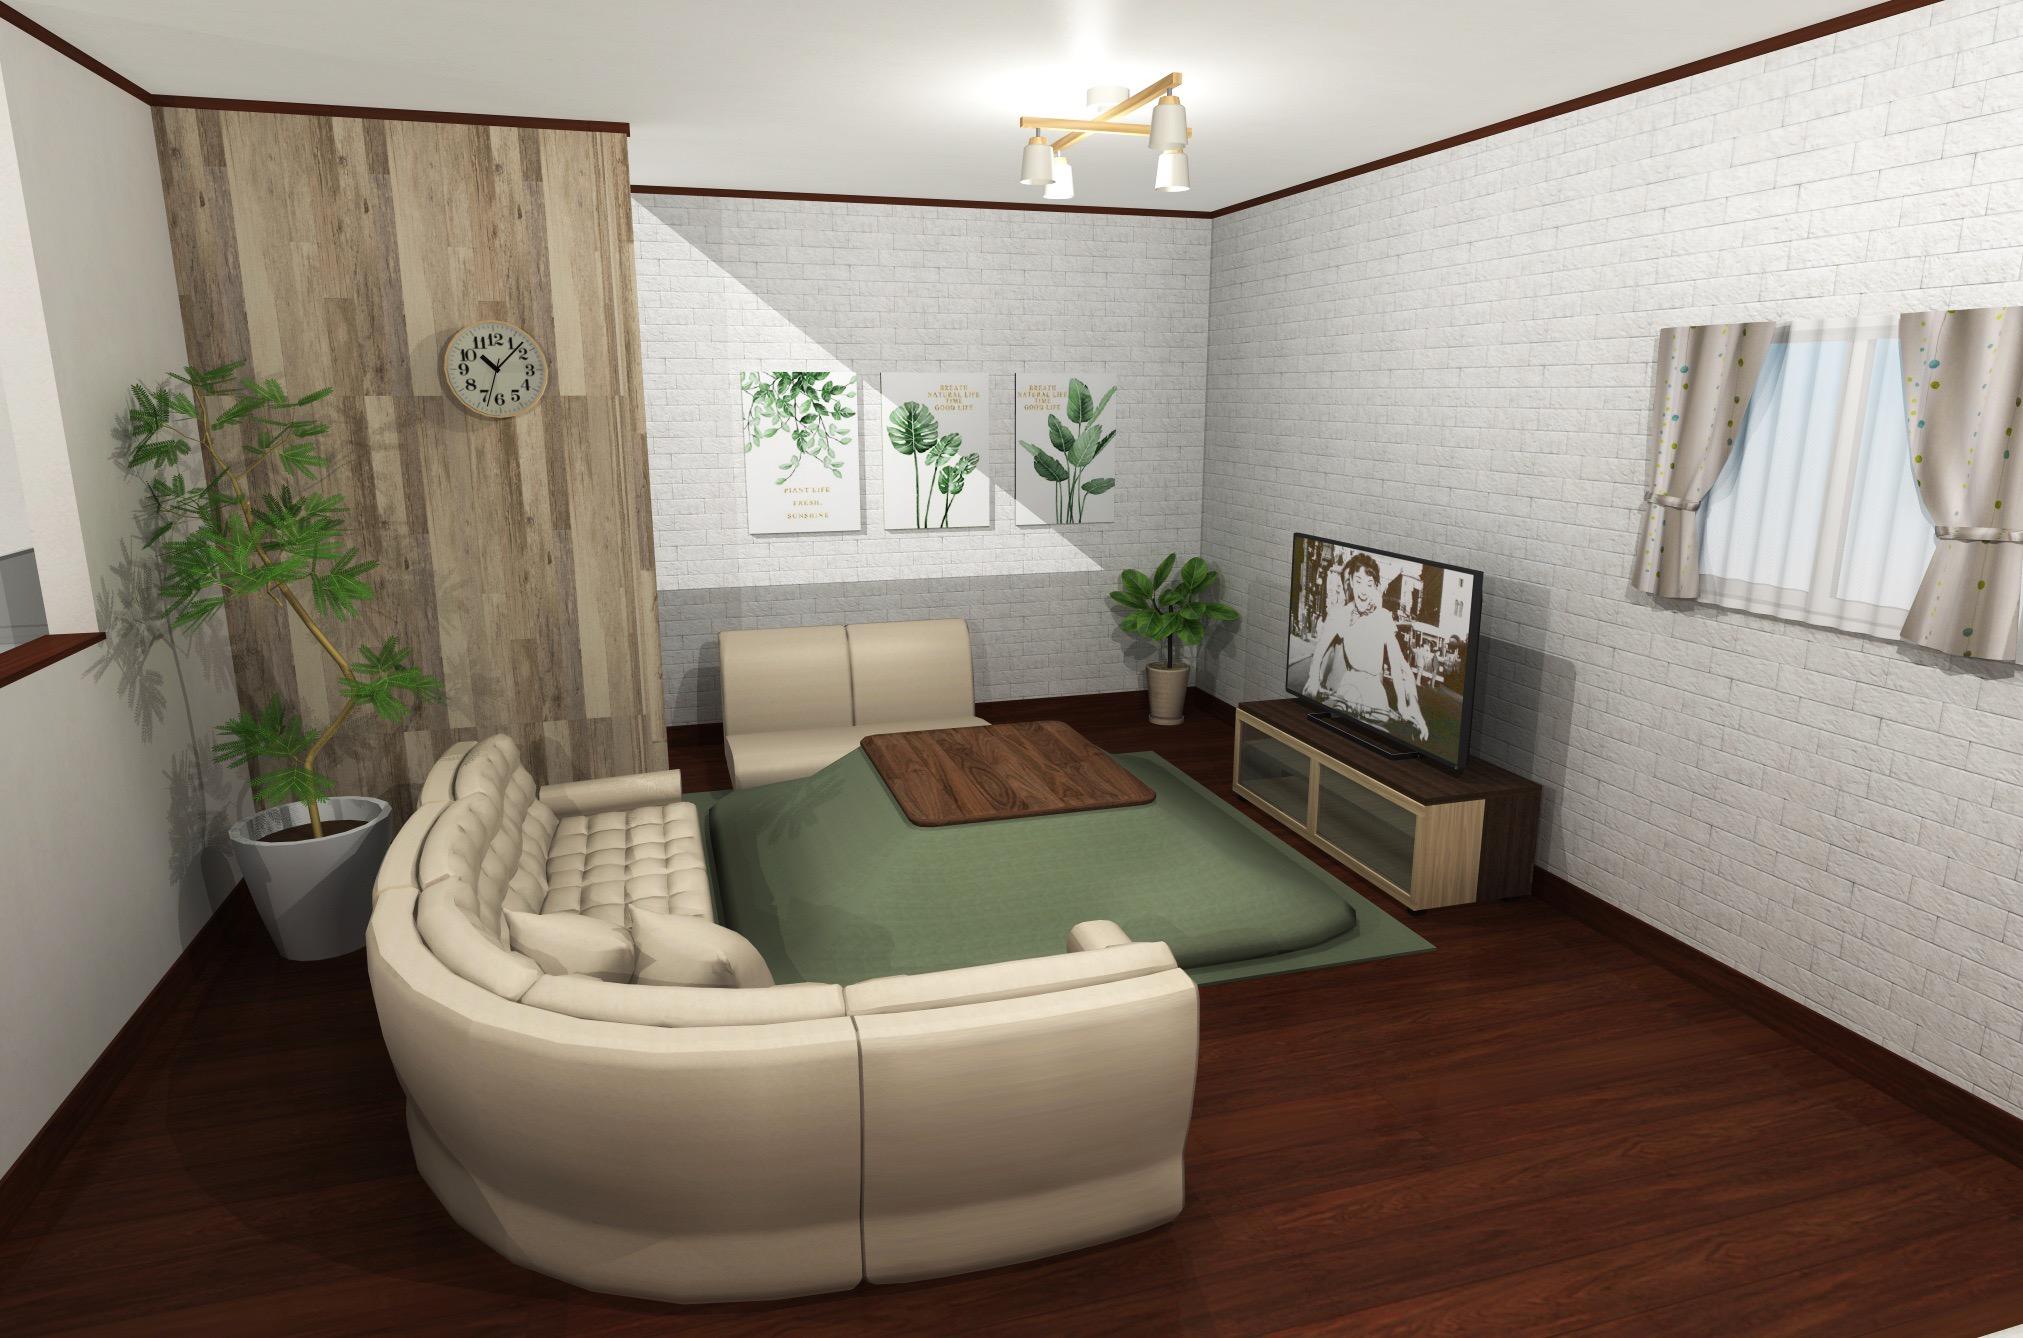 緑×白レンガで、温かみのある暮らしを。 上品ナチュラルインテリア